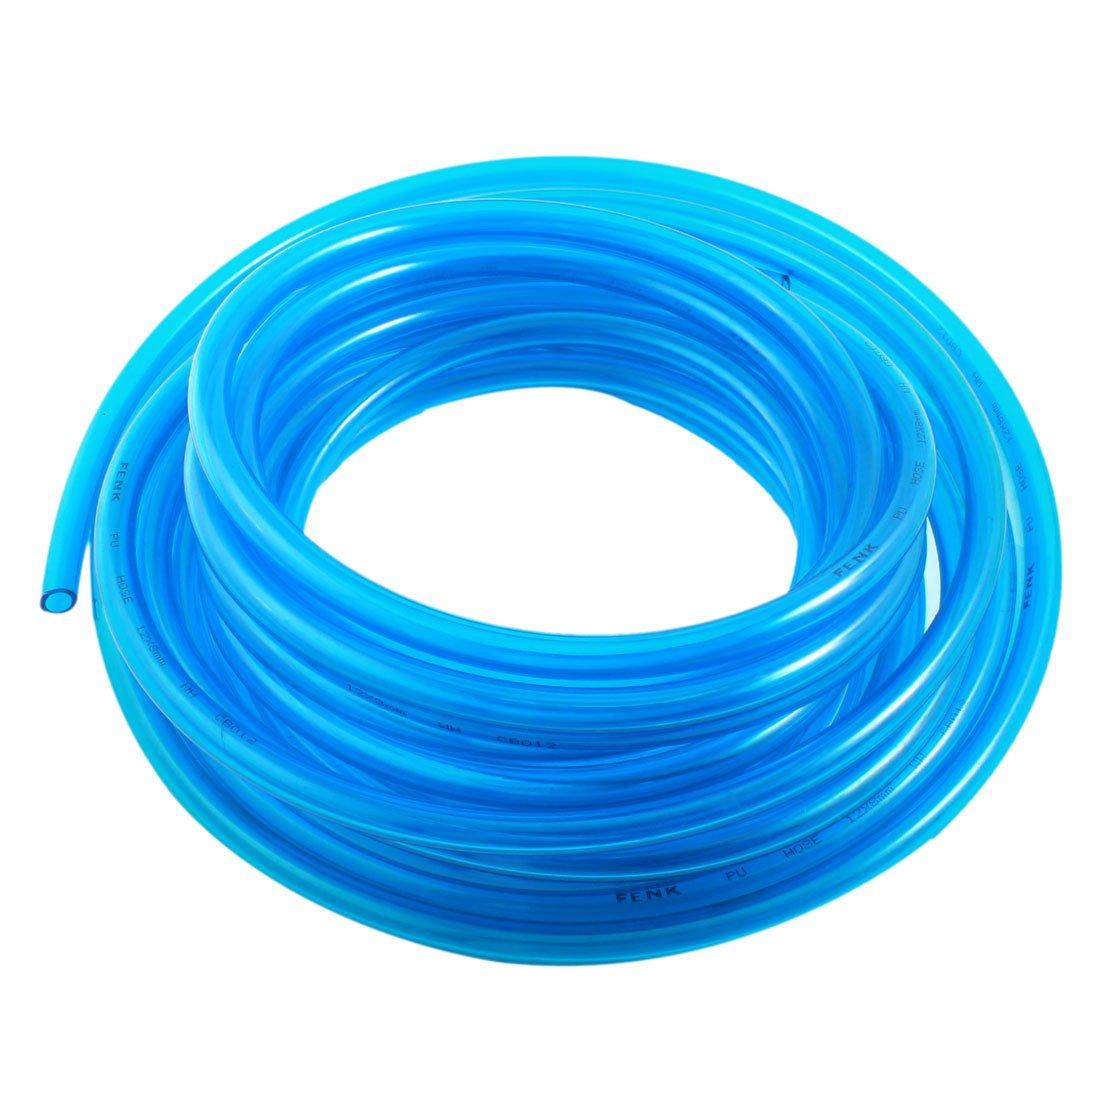 sourcingmap® Tubo Pude 33 Pies 8X12mm Compresor de Aire de Gas, Combustible, Gasolina, Diésel de Línea de Manguera Azul Claro: Amazon.es: Bricolaje y ...